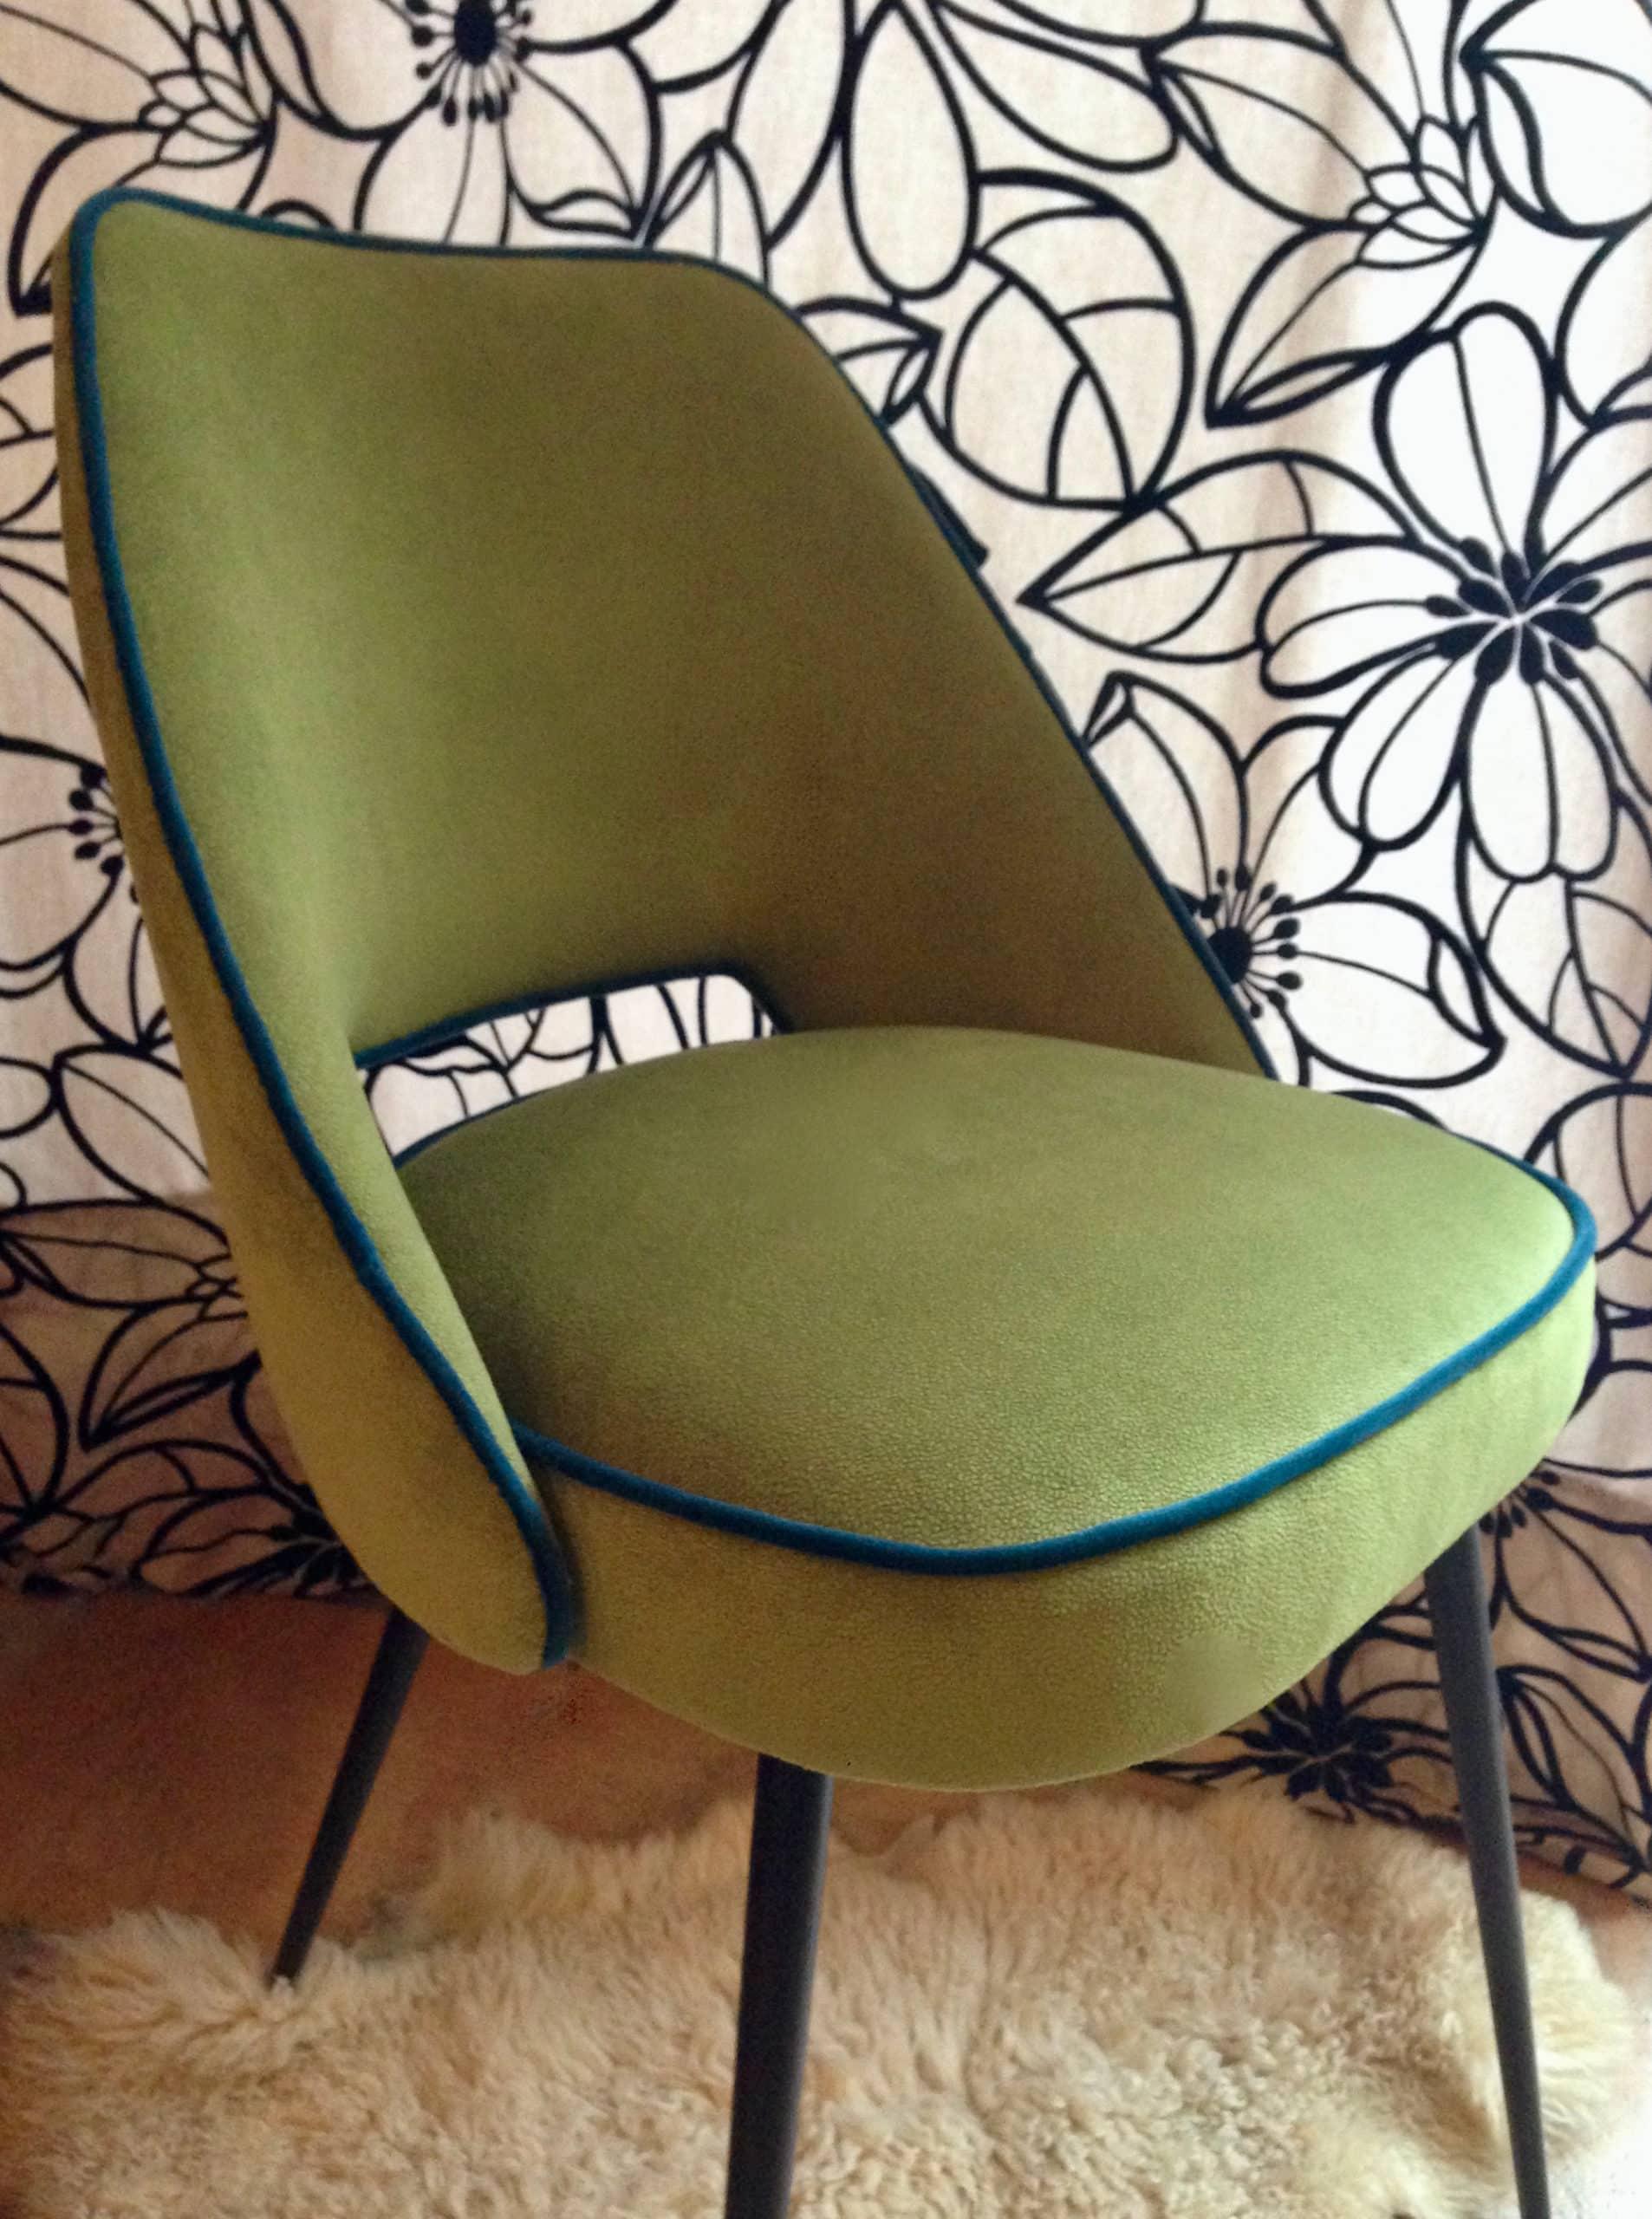 Chaise fauteuil Guariche design années 50-60